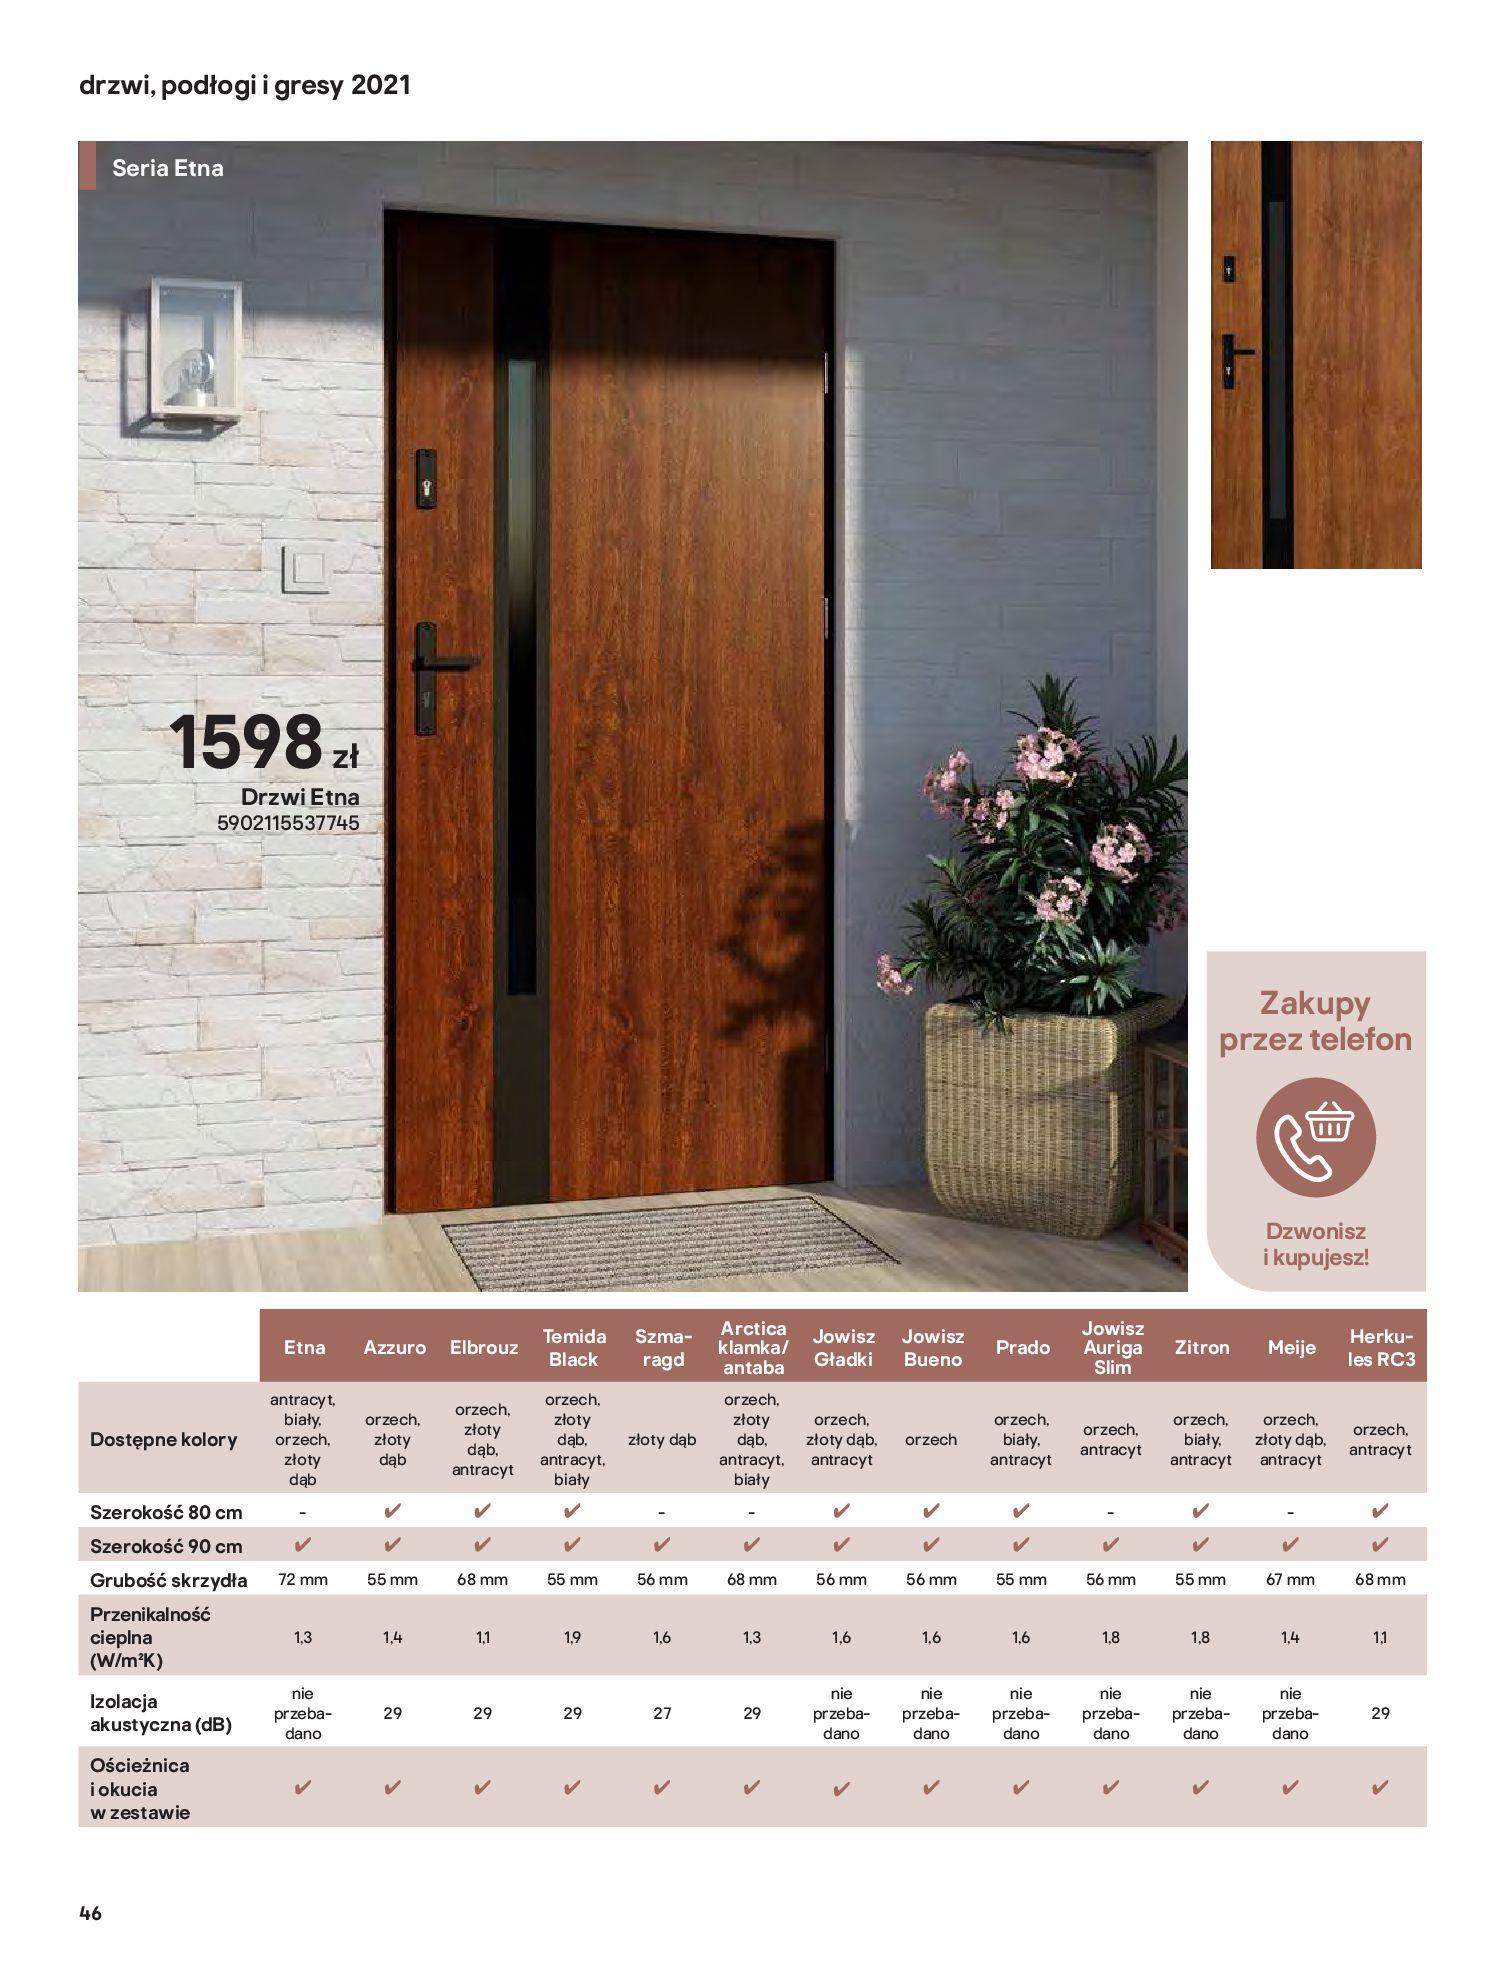 Gazetka Castorama: Gazetka Castorama - Przewodnik drzwi i podłogi 2021 2021-08-11 page-46